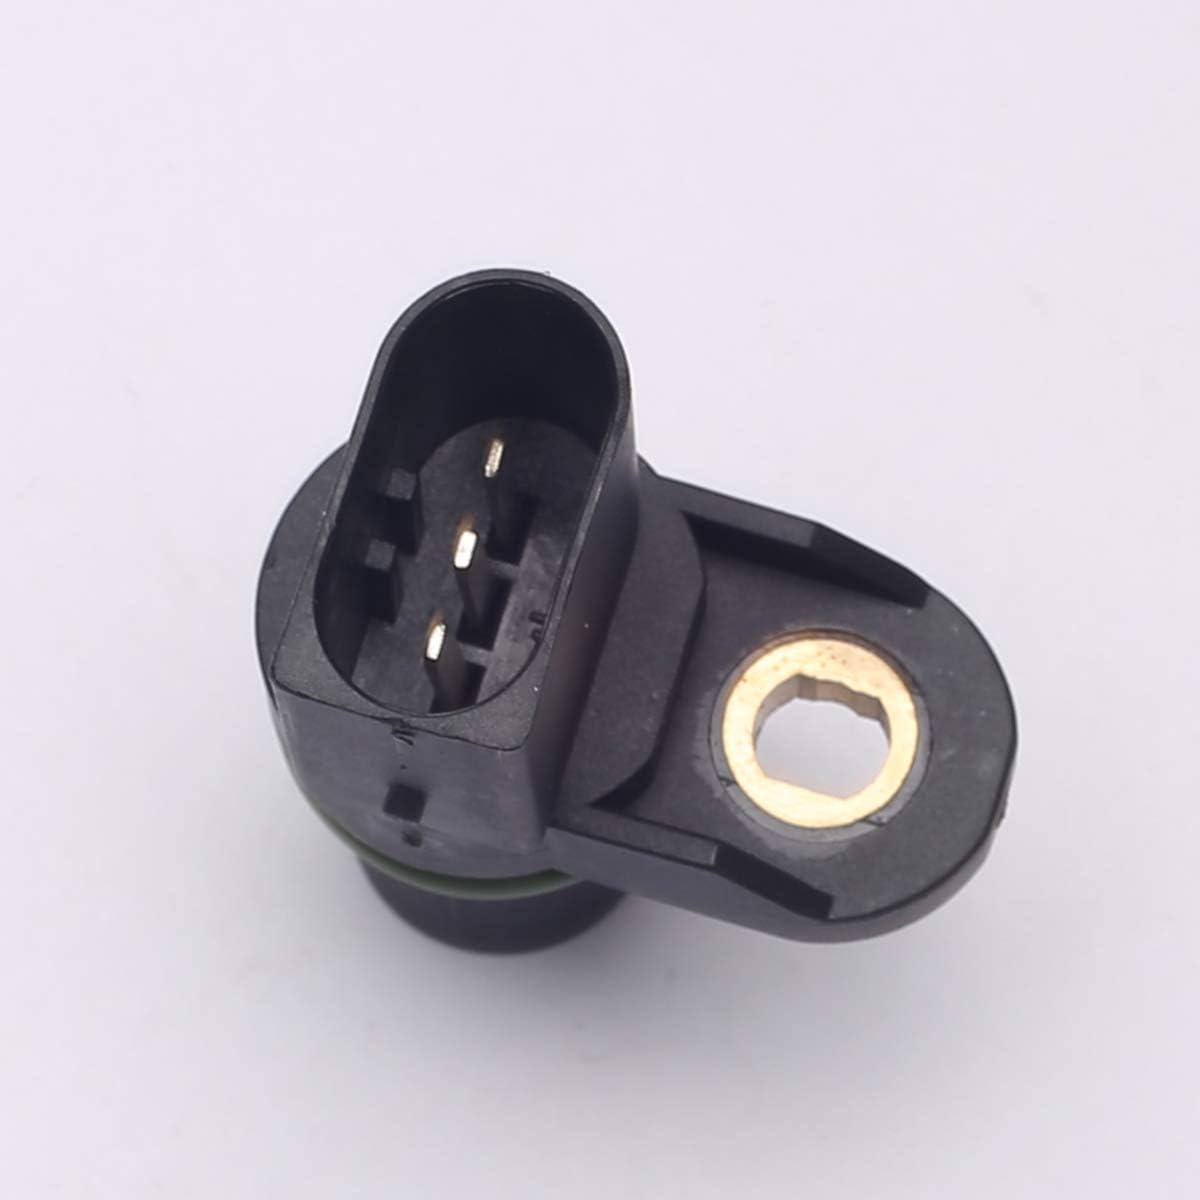 PeakCar CPS Camshaft Position Sensor 12147518628 12141438082 12147506273 Compatible with BMW 323i 323Ci 325i 325Ci 325Xi 328i 330i 330Ci 330Xi 525i 528i 530i 545i 745i 745Li for BMW X3 X 5 Z3 Z4